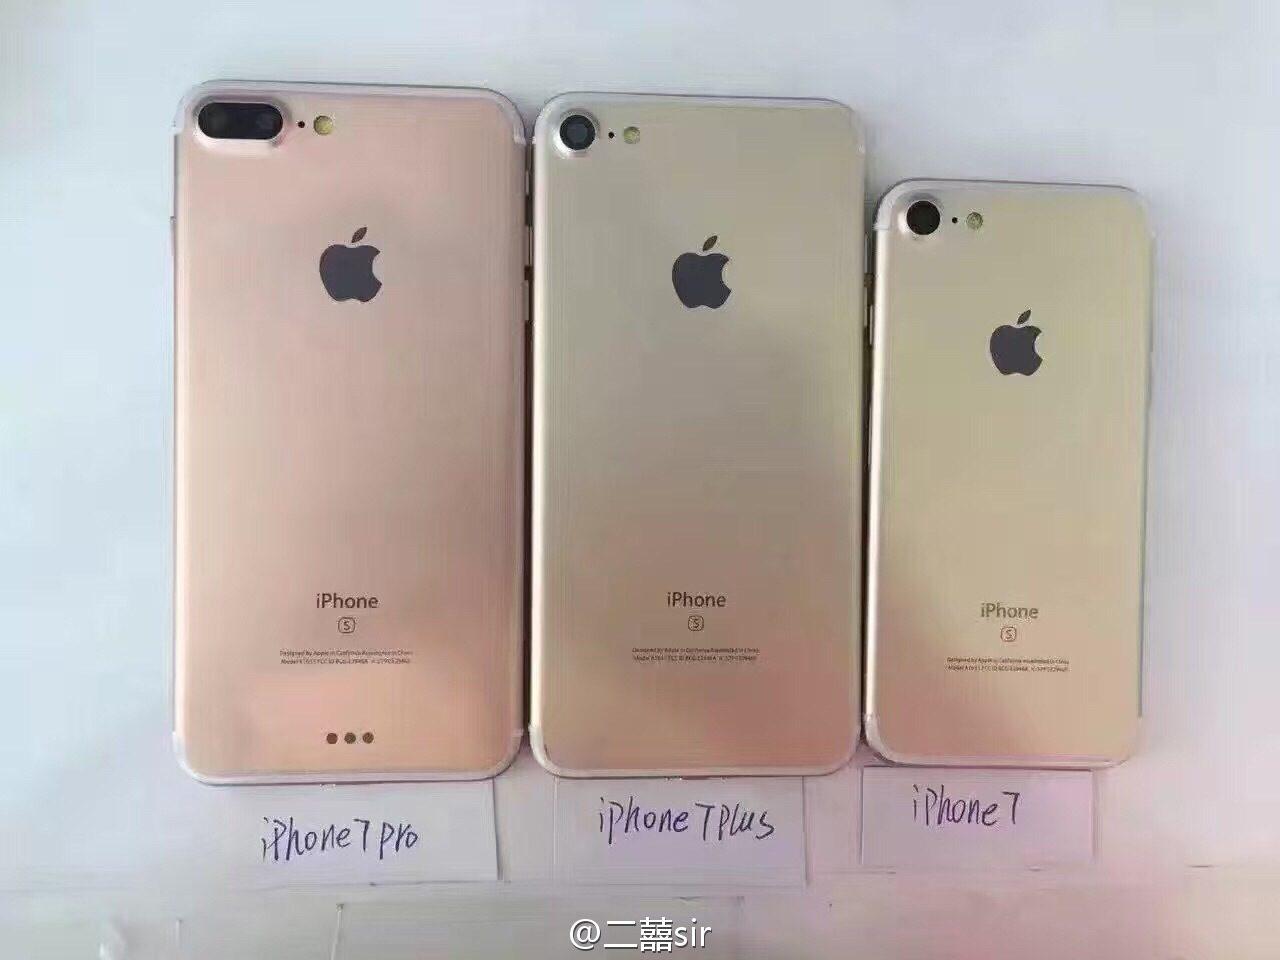 [루머] 신형은 3종류 iPhone 7 Pro 등장